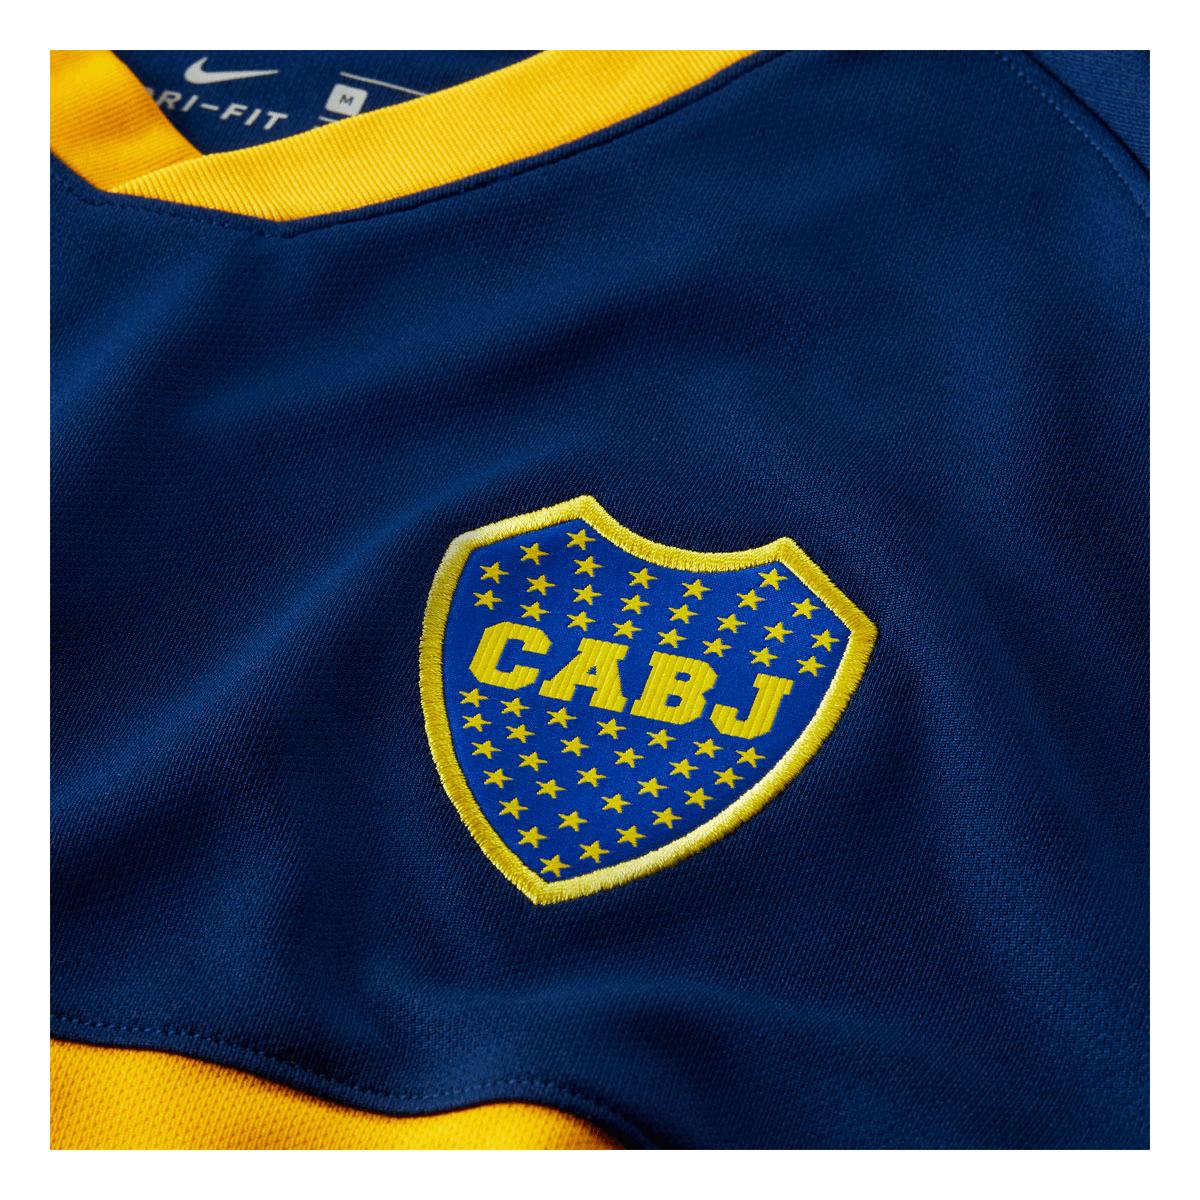 new arrival d4d57 e6c18 Nike Boca Juniors Herren Heim Trikot 2019/20 dunkelblau/gelb